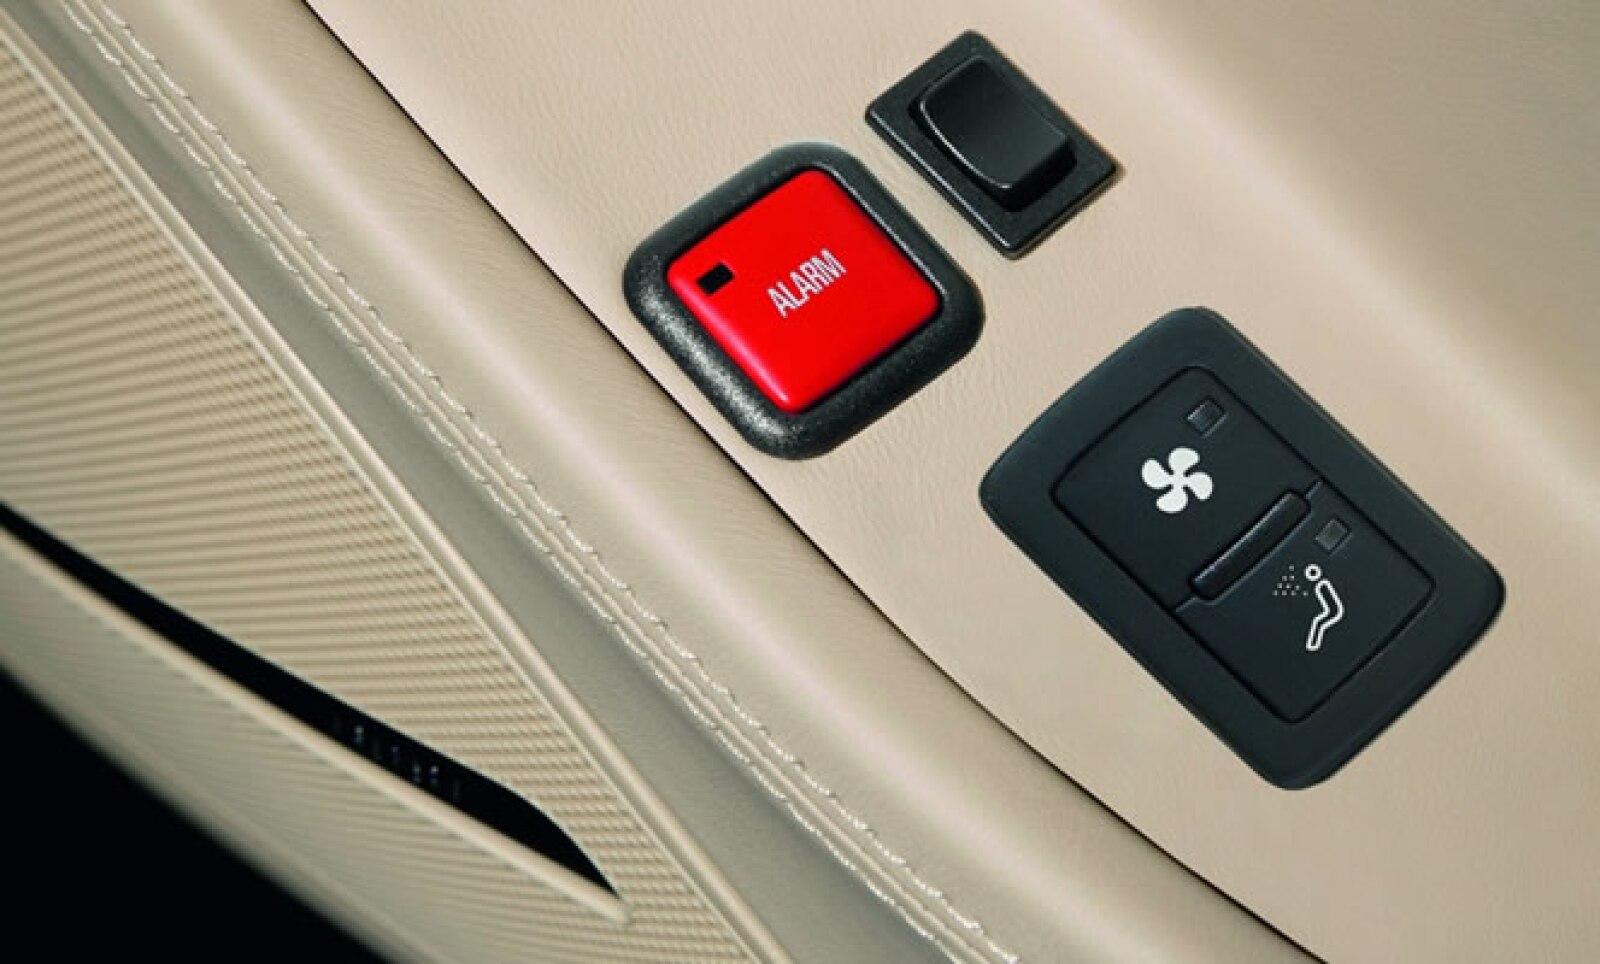 En caso de emergencia, los pasajeros pueden oprimir un botón de alarma que automáticamente desactiva los seguros de las puertas y permiten ser abiertas sin problemas.